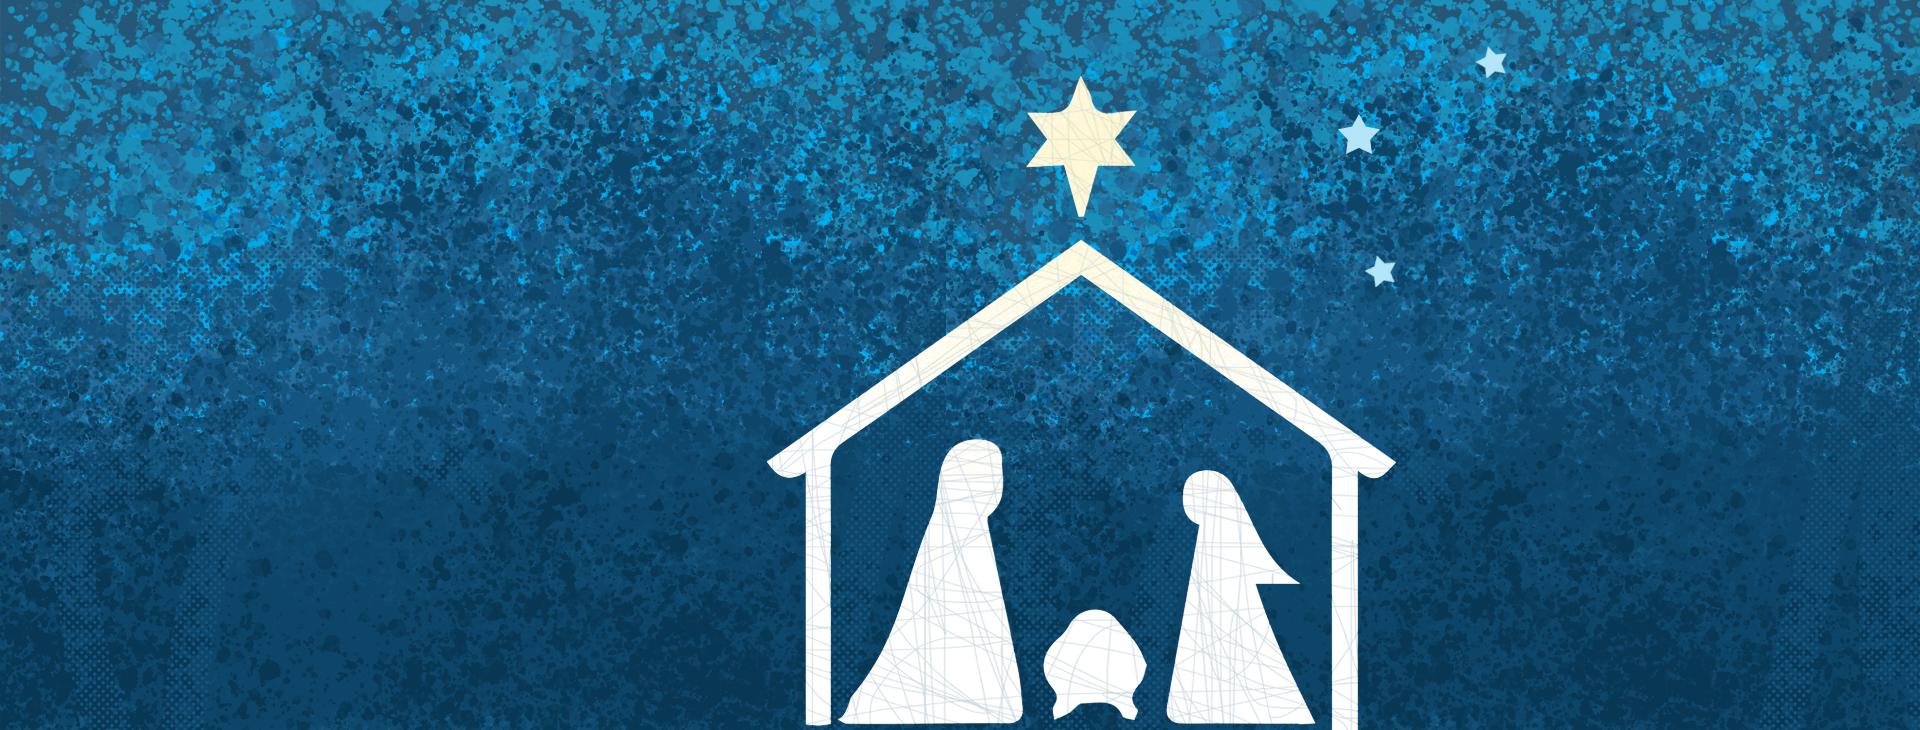 christmas, boże narodzenie, moracz, wesoła, szkoła podstawowa święta,